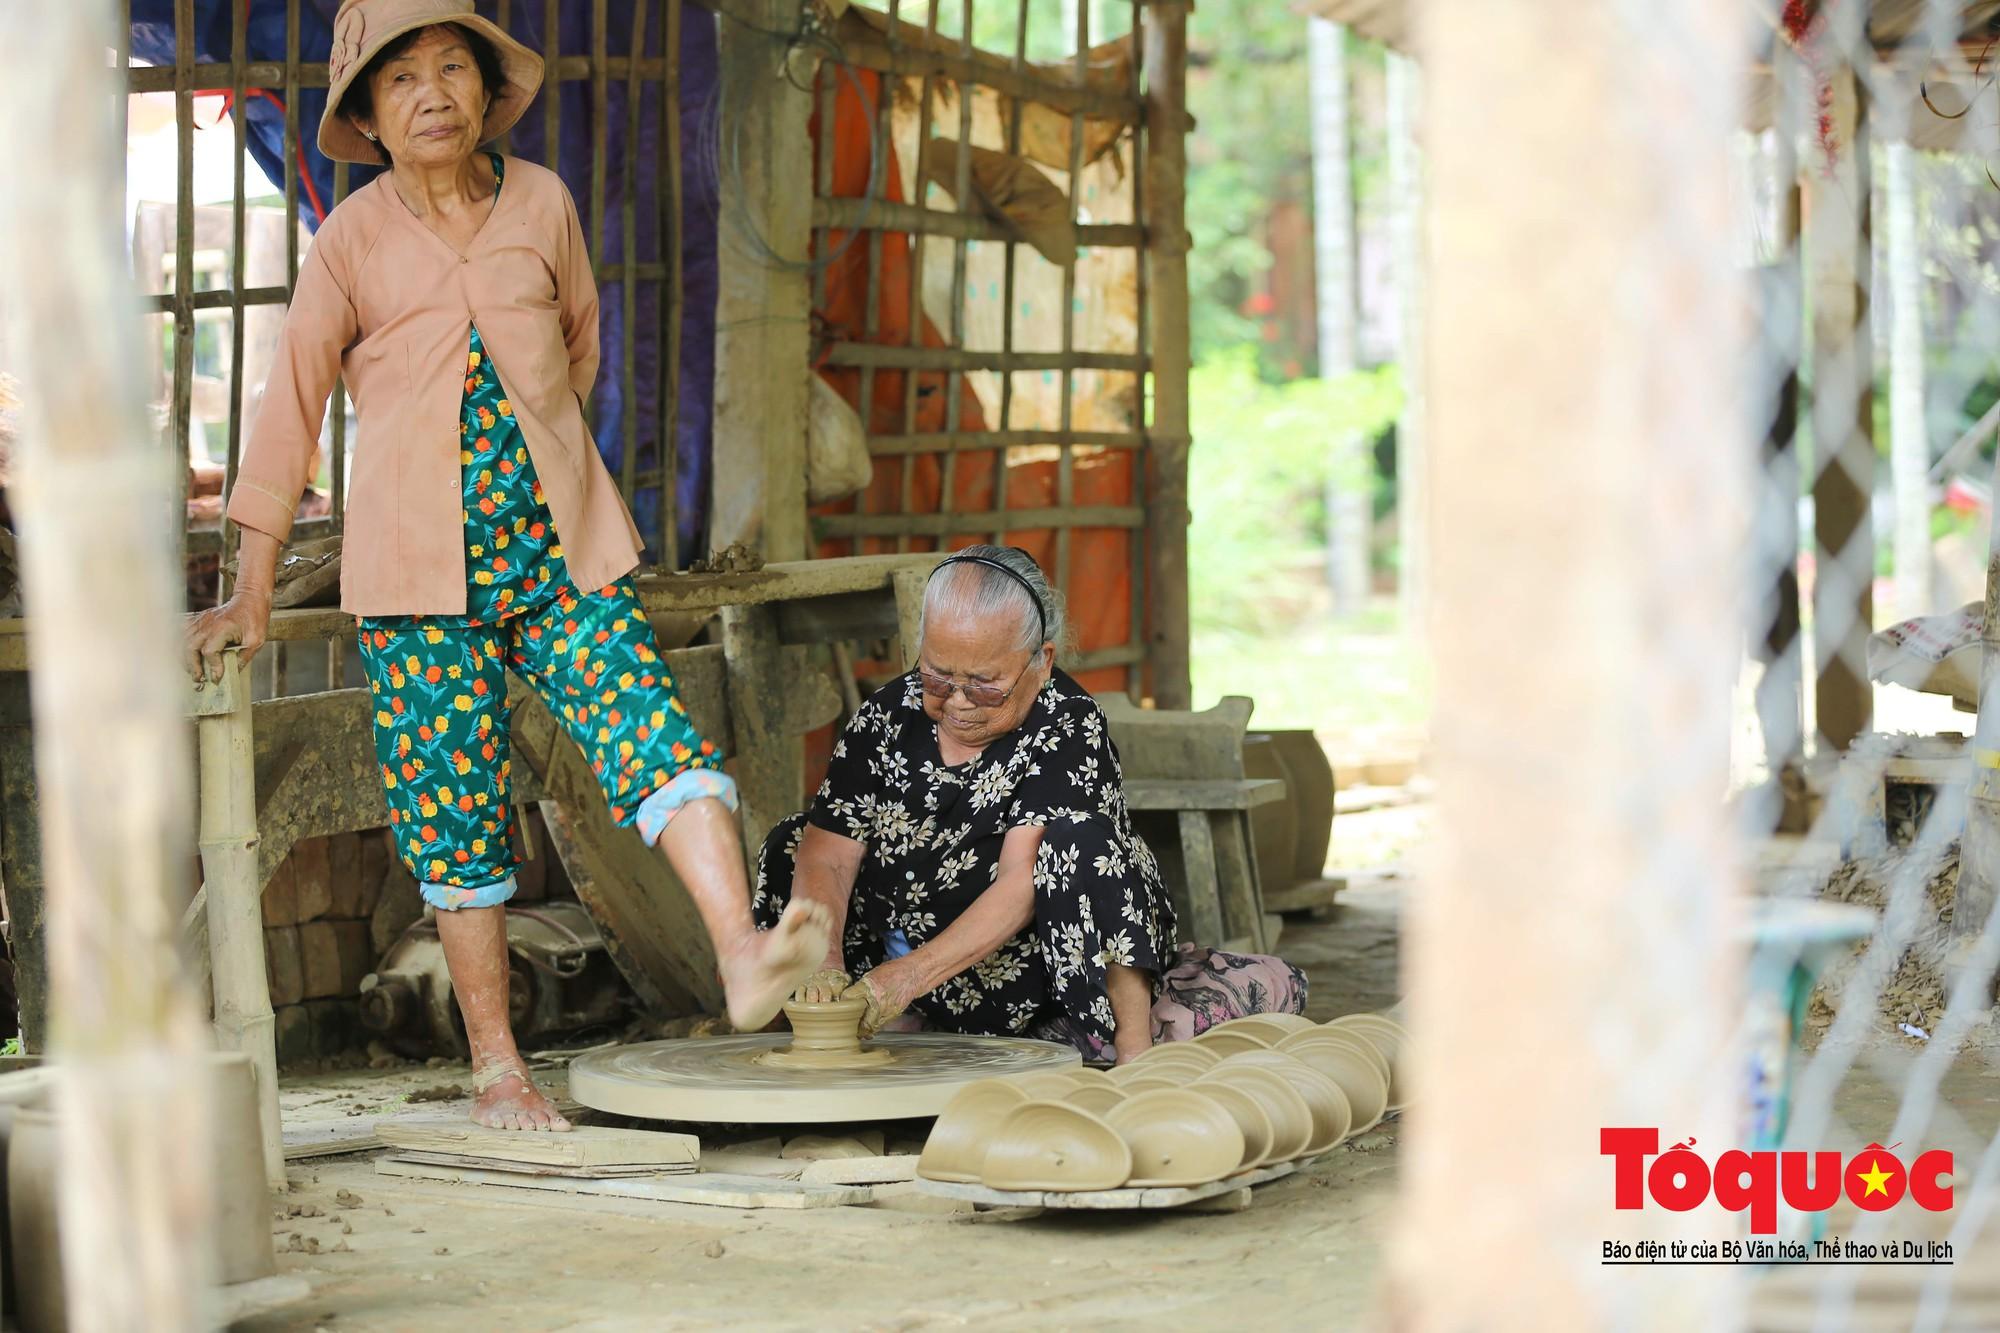 Vẻ đẹp trầm mặc của làng gốm gần nghìn năm tuổi bên dòng sông Thu Bồn8